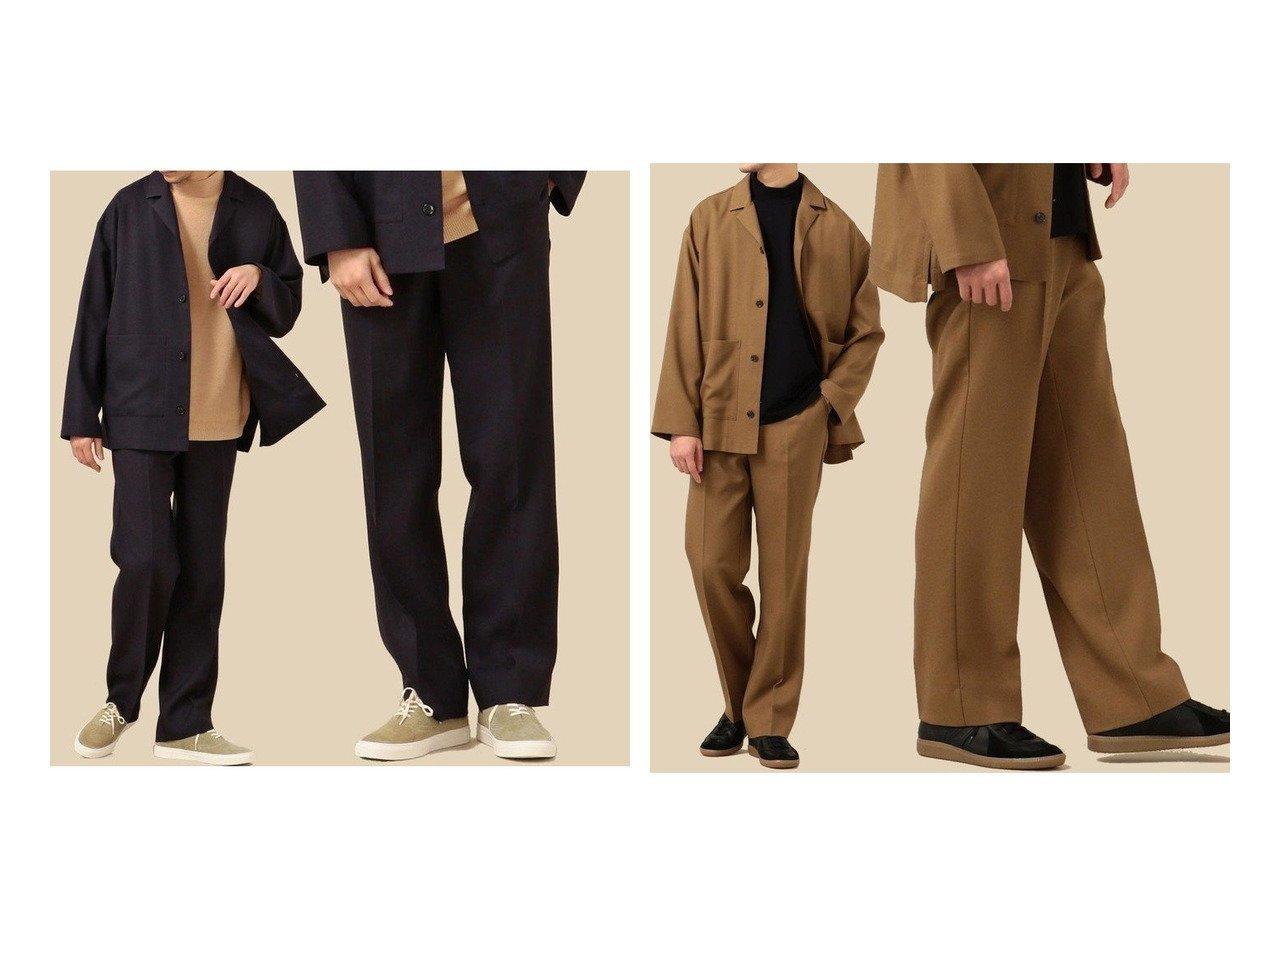 【SHIPS / MEN/シップス】のSHIPS セットアップ対応 リラックス ストレート イージースラックス 【MEN】男性のおすすめ!人気、メンズファッションの通販 おすすめファッション通販アイテム インテリア・キッズ・メンズ・レディースファッション・服の通販 founy(ファニー) ファッション Fashion メンズ MEN ボトムス Bottoms Men セットアップ Setup Men ボトムス Bottoms ジャケット ストレッチ ストレート スラックス セットアップ ツイル テーパード リラックス レギュラー ワイド 軽量 ブラック系 Black |ID:crp329100000003898